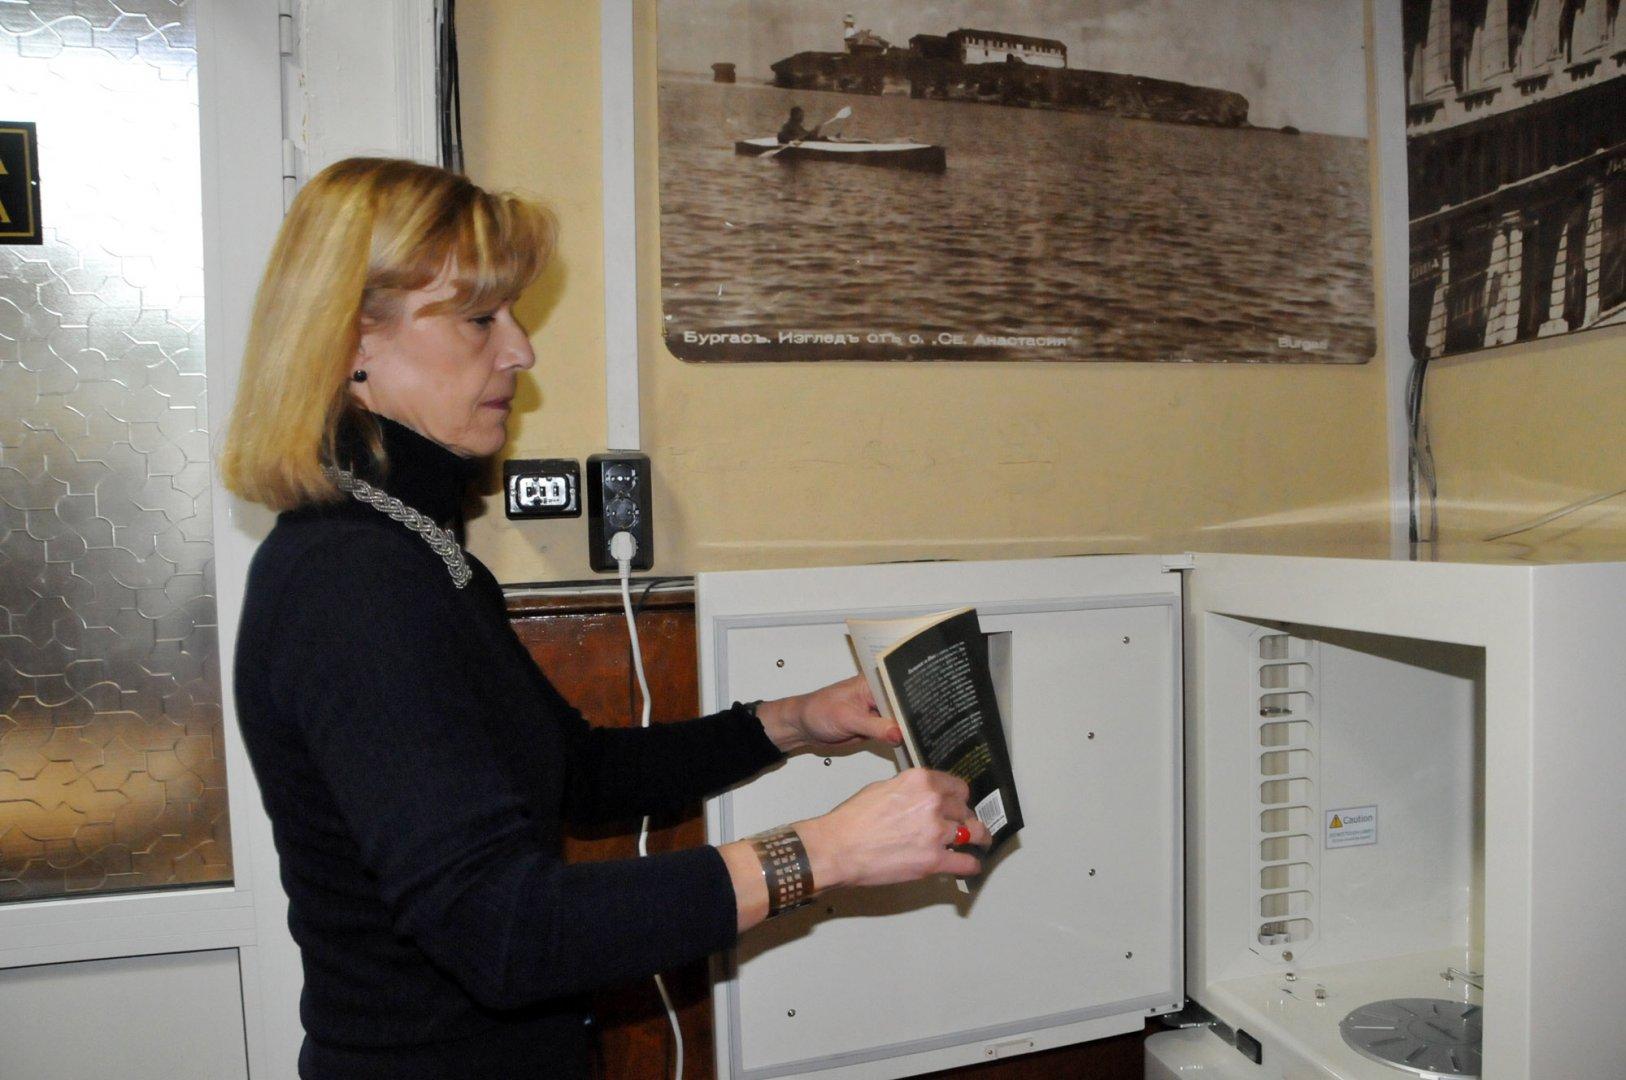 Директорът на библиотеката Мария Бенчева показа как работи машината. Снимки Лина Главина